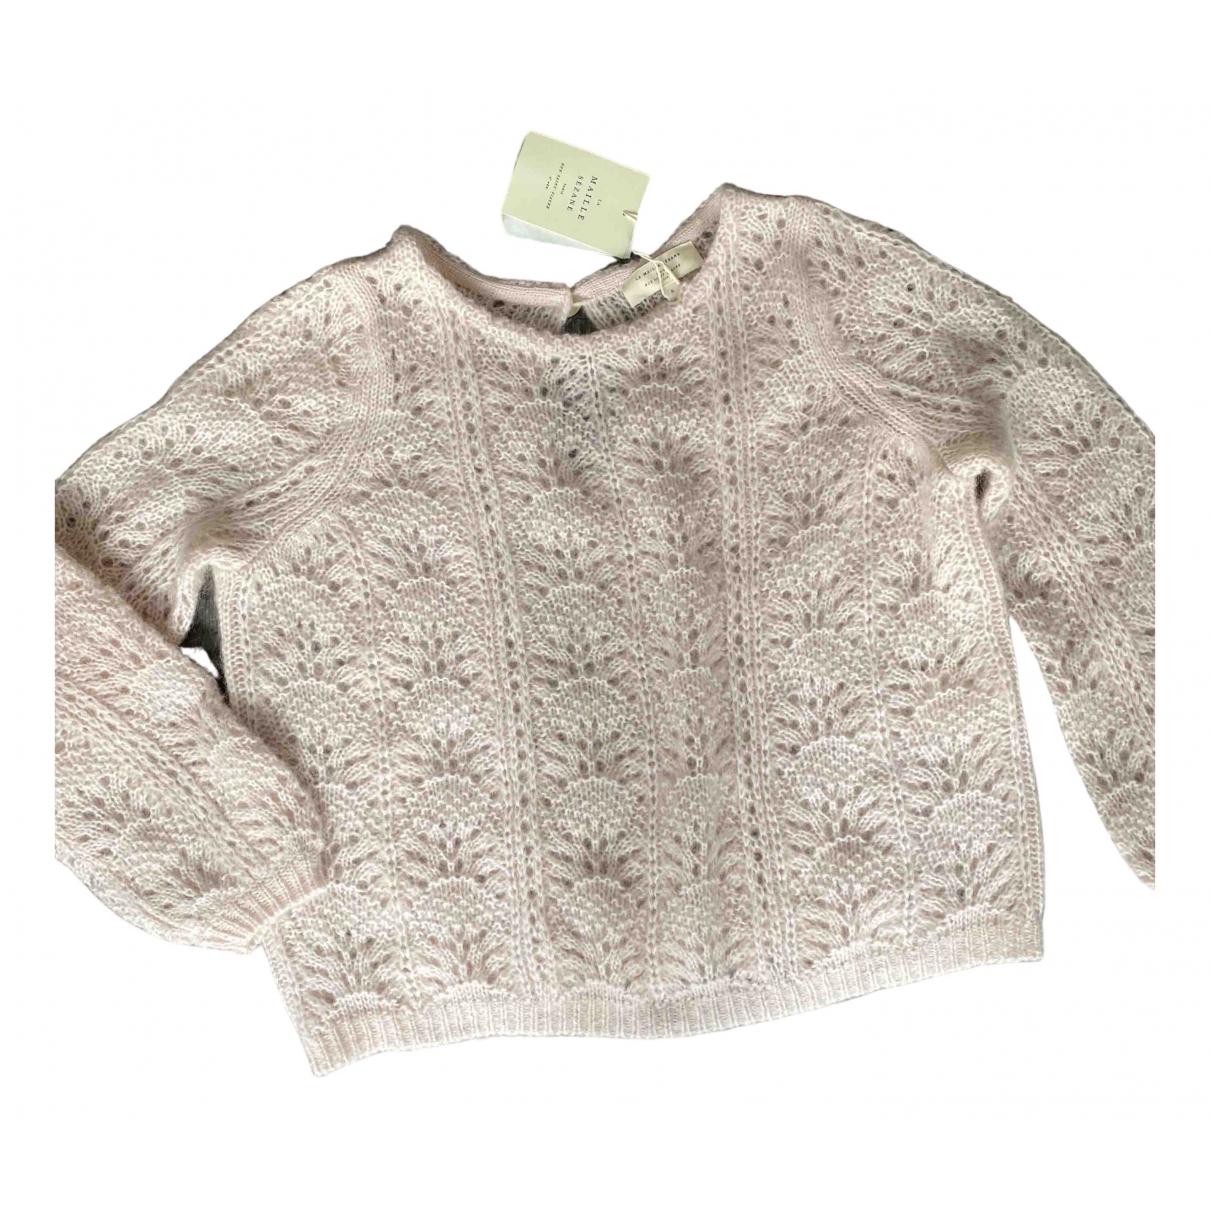 Sézane Spring Summer 2020 Pink Knitwear for Women 36 FR